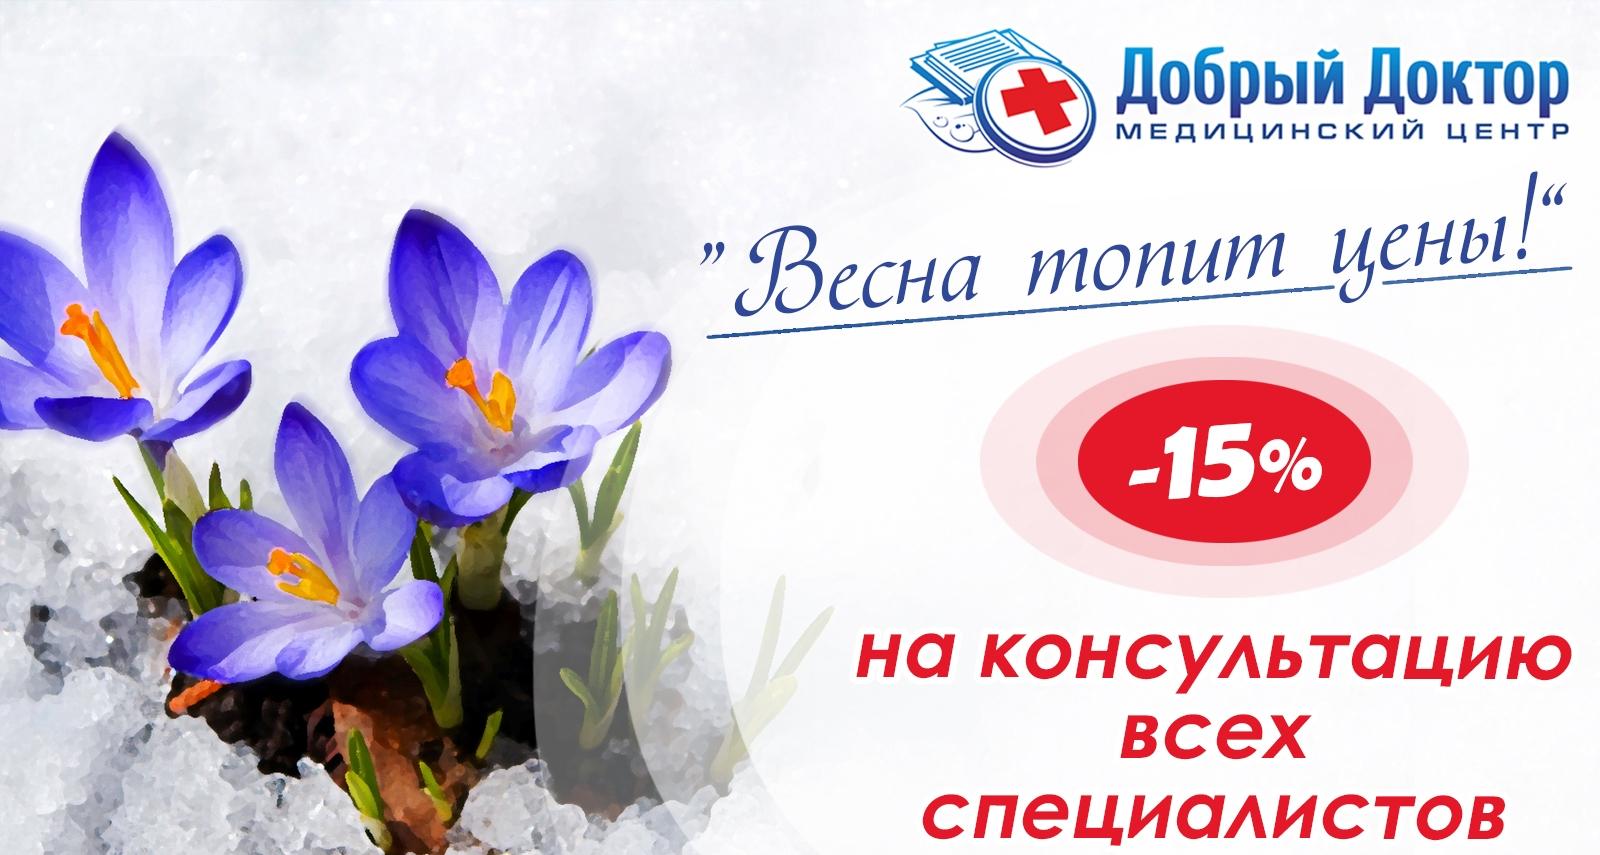 Весна топит цены